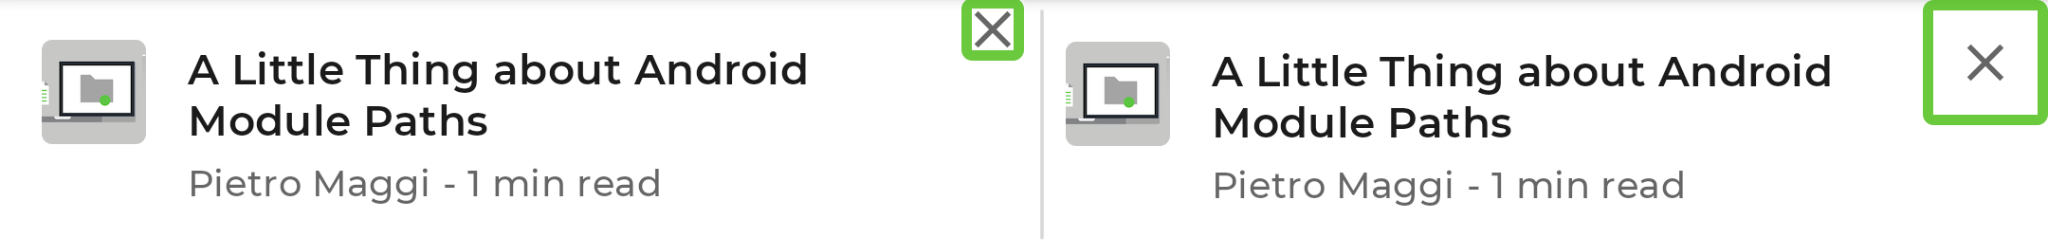 リストアイテムの比較。左が小さな輪郭の × アイコン、右が大きな輪郭の × アイコン。